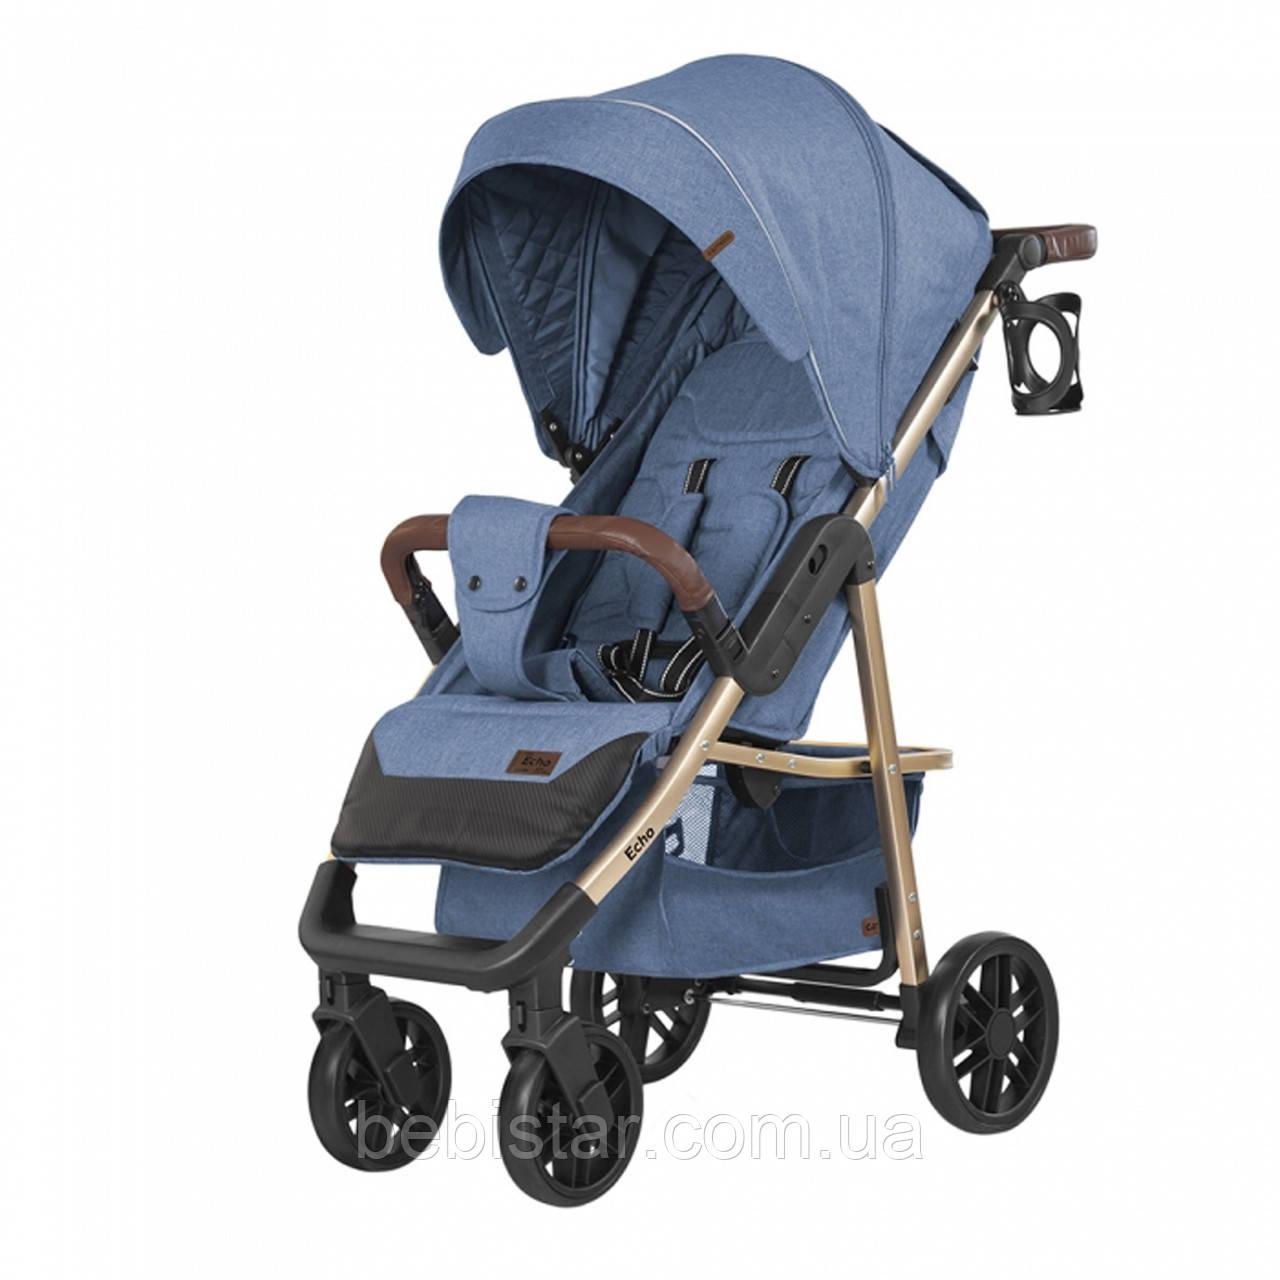 Детская прогулочная коляска синяя Carrello Echo золотая рама чехол на ножки подстаканник дождевик